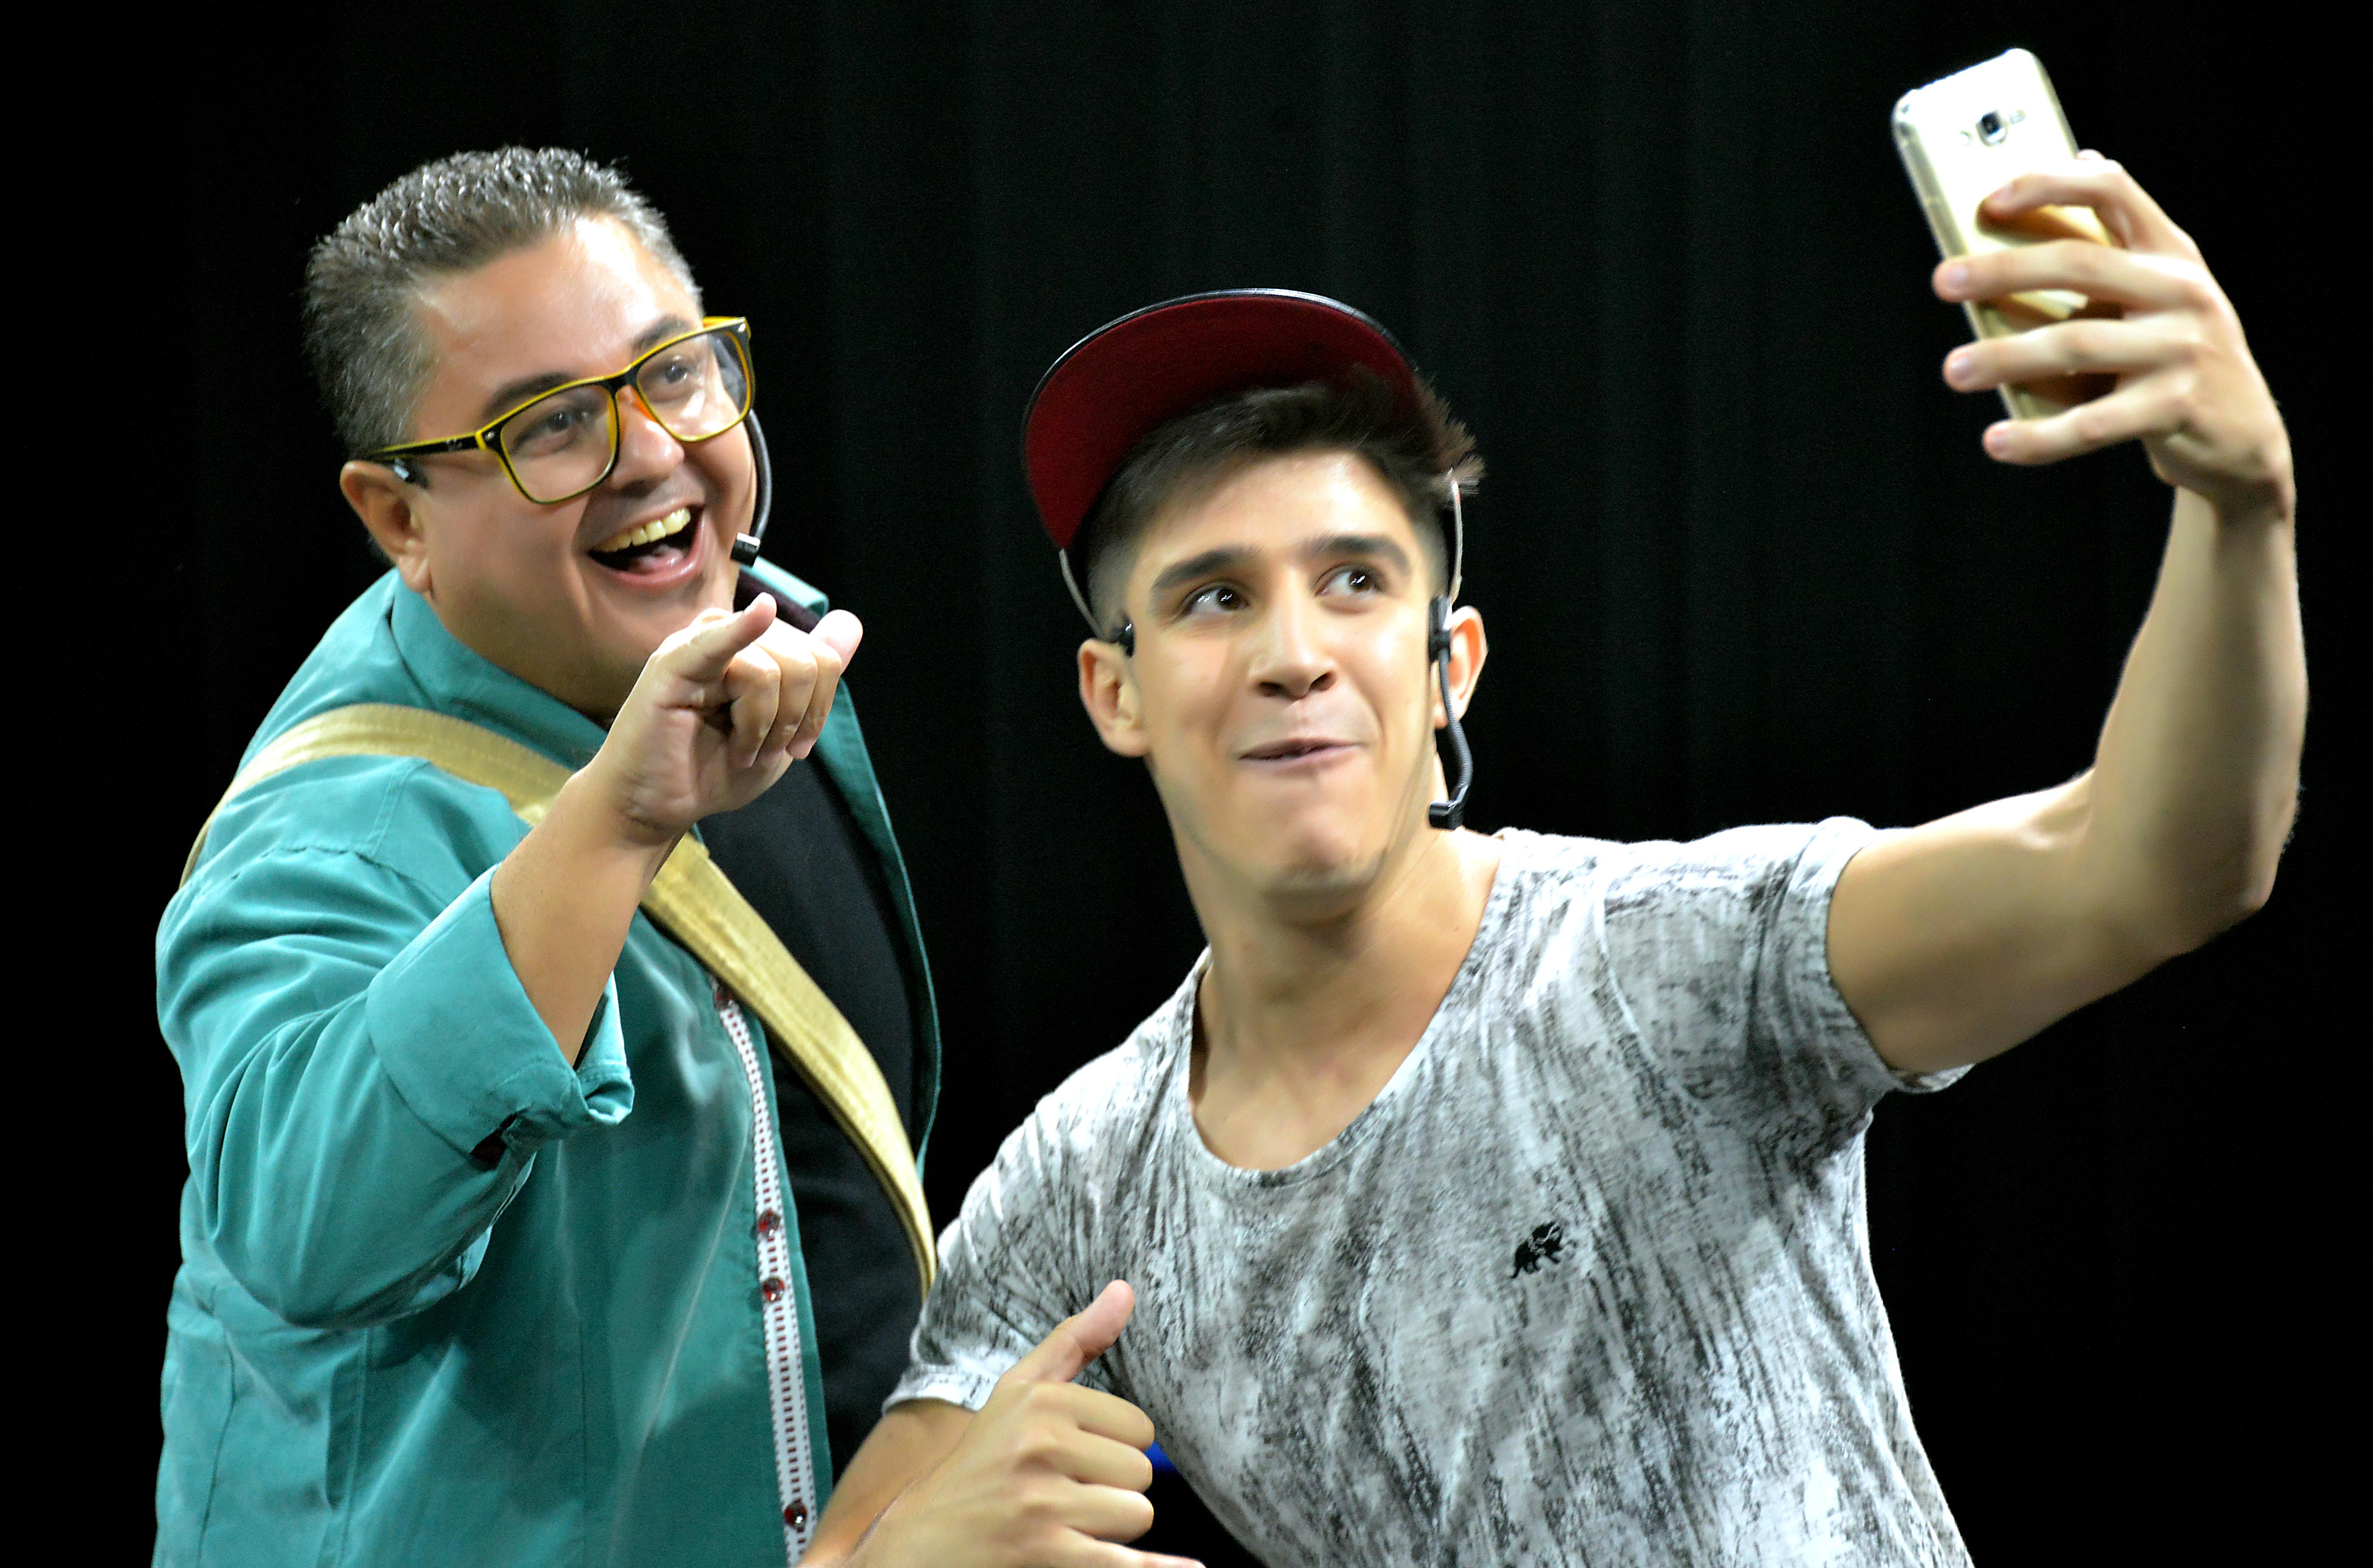 Circo Laheto recebe espetáculo 'O despertar da primavera'